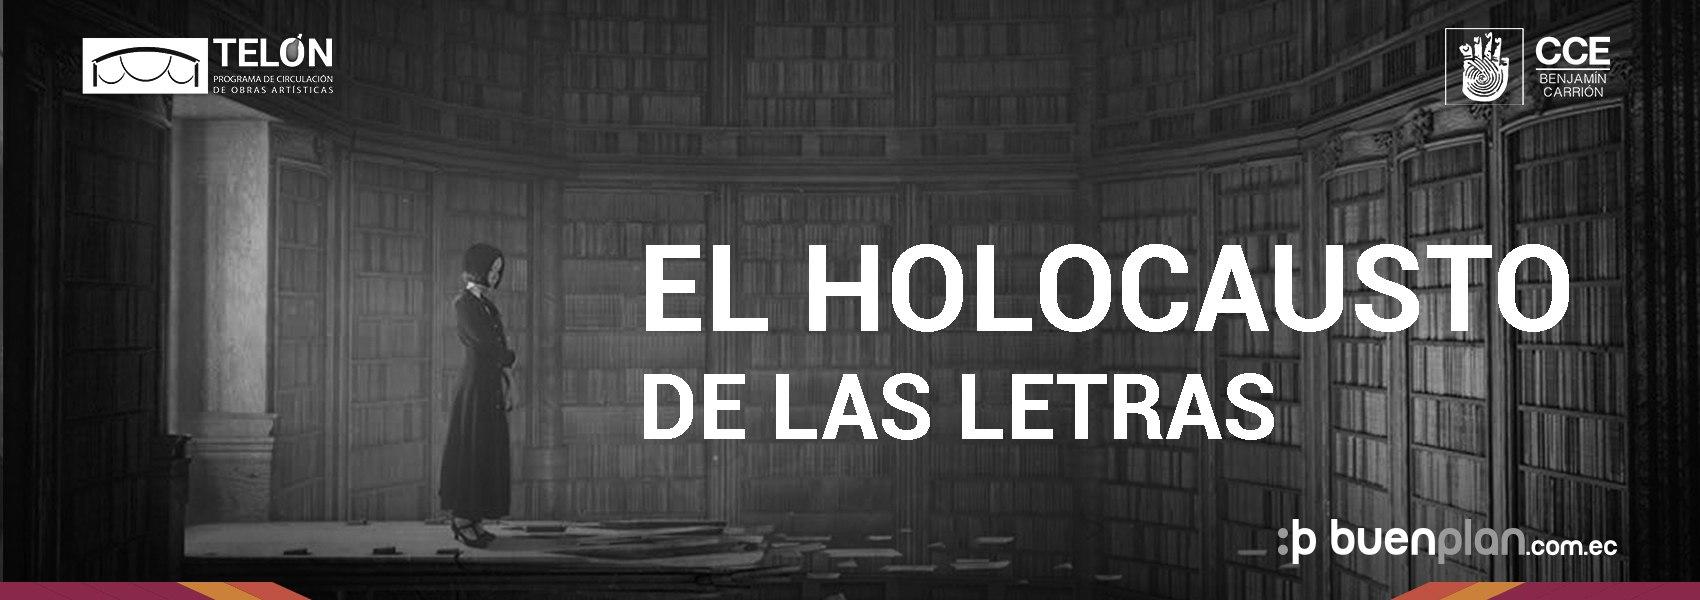 El Holocausto de las Letras - 19 de Junio en Quito, BuenPlan